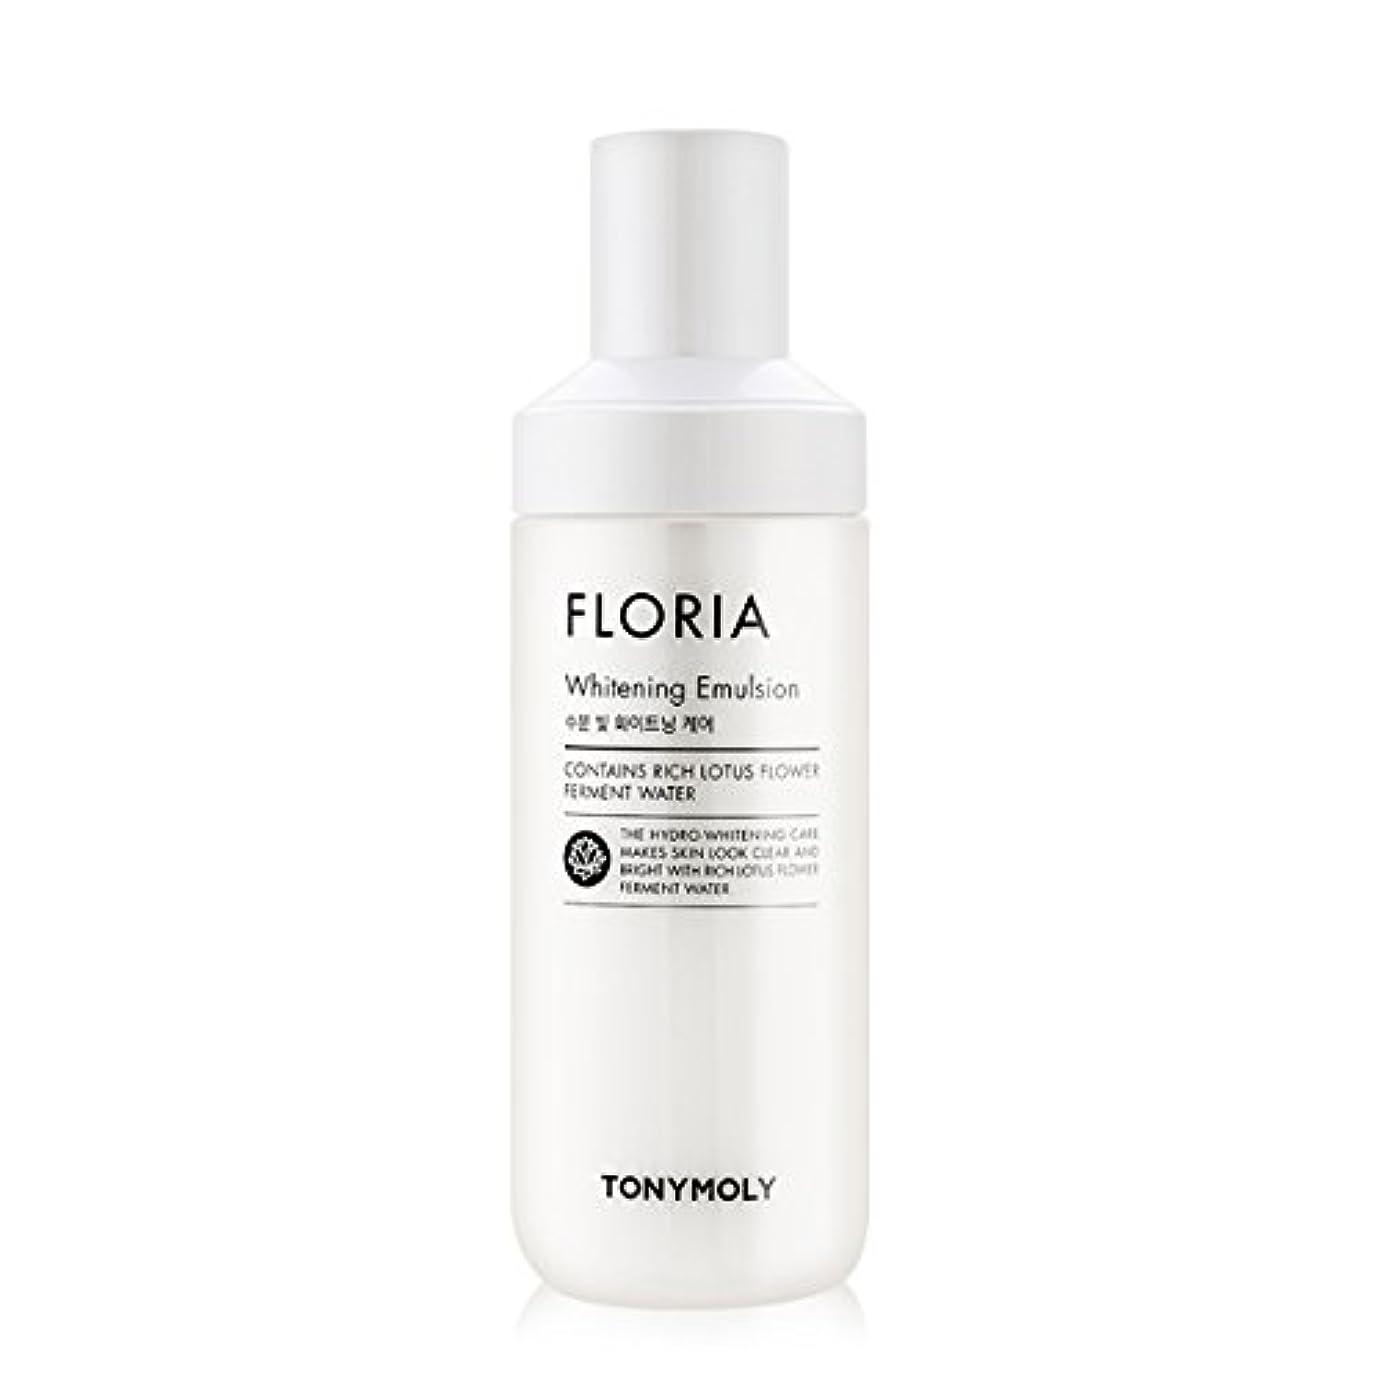 有効な少年そよ風[2016 New] TONYMOLY Floria Whitening Emulsion 160ml/トニーモリー フロリア ホワイトニング エマルジョン 160ml